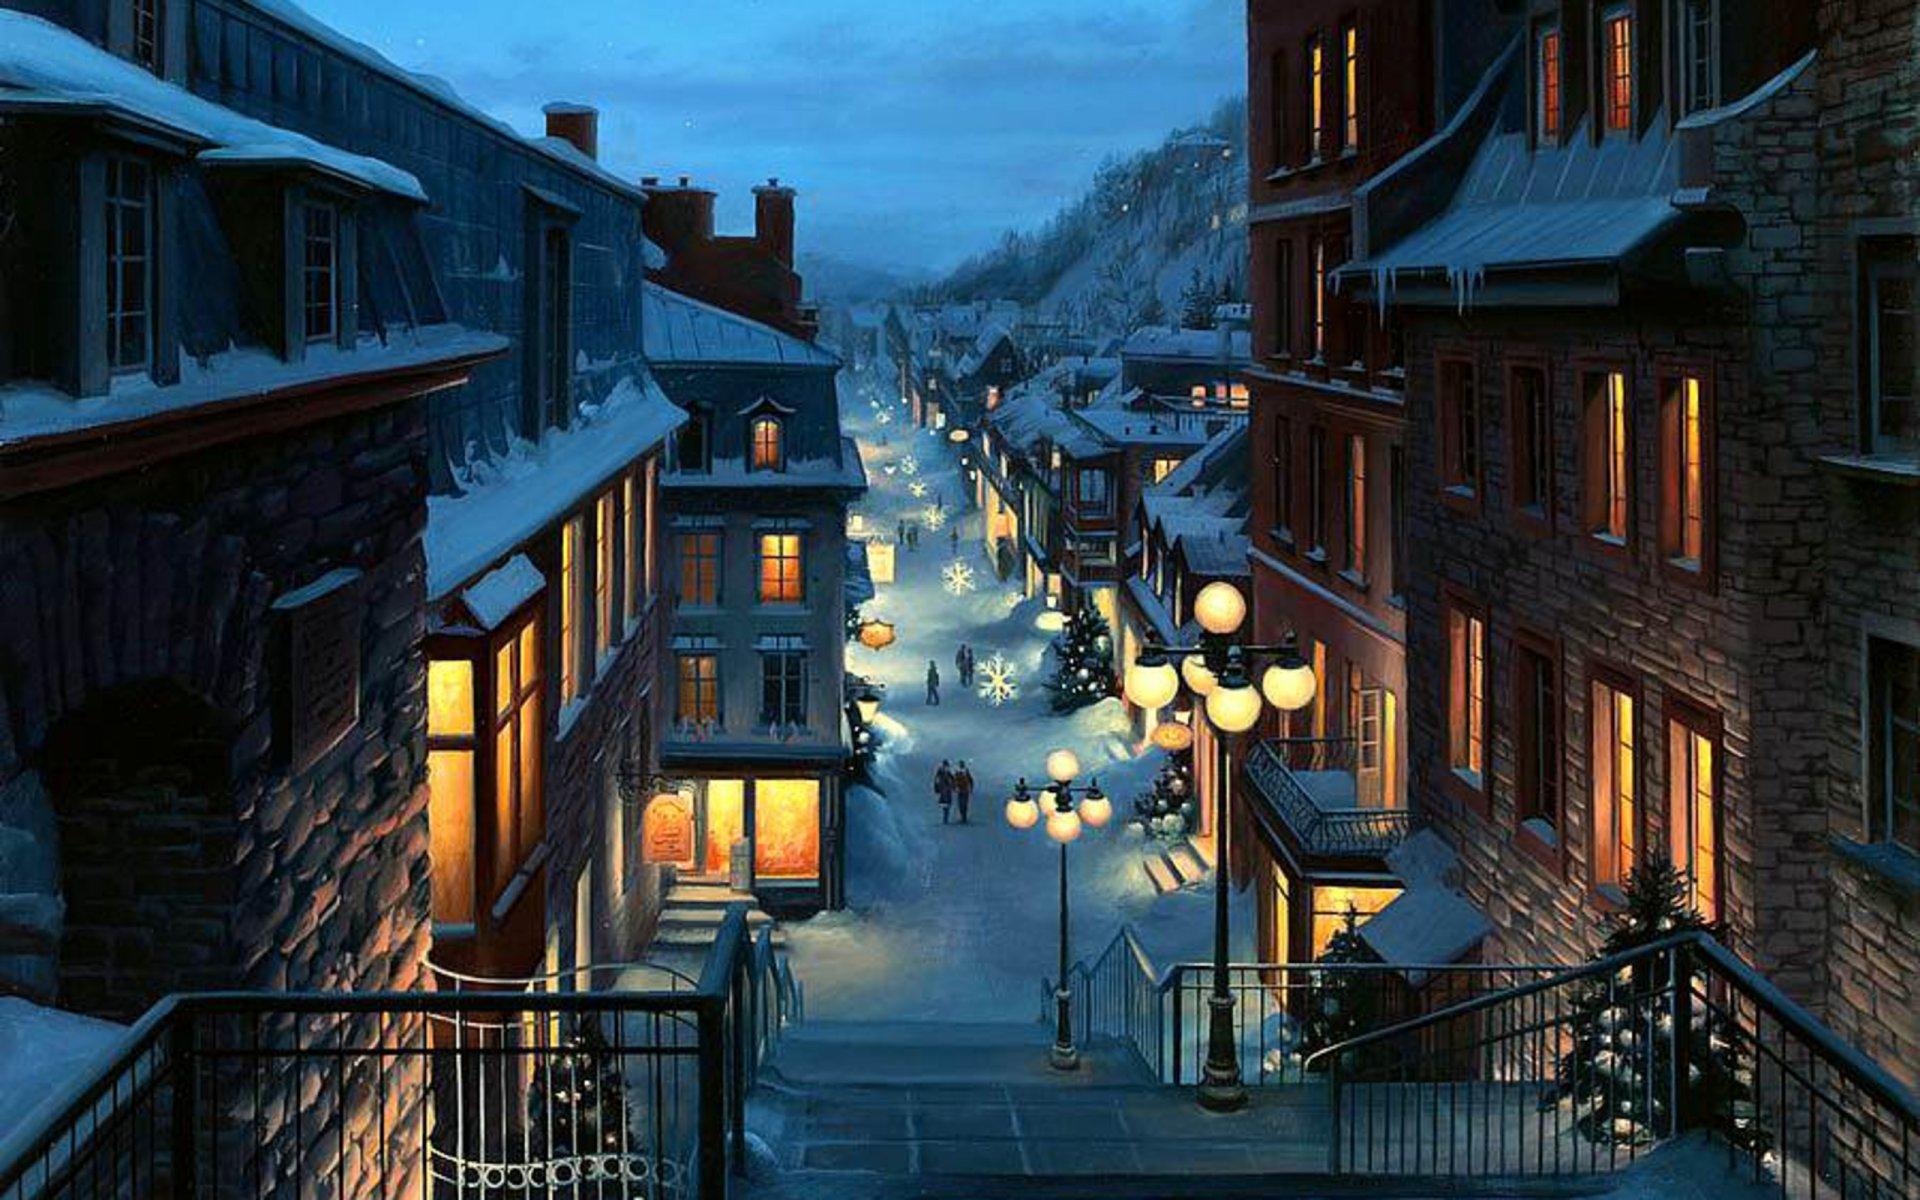 картинки зимний город красивые дома можно найти